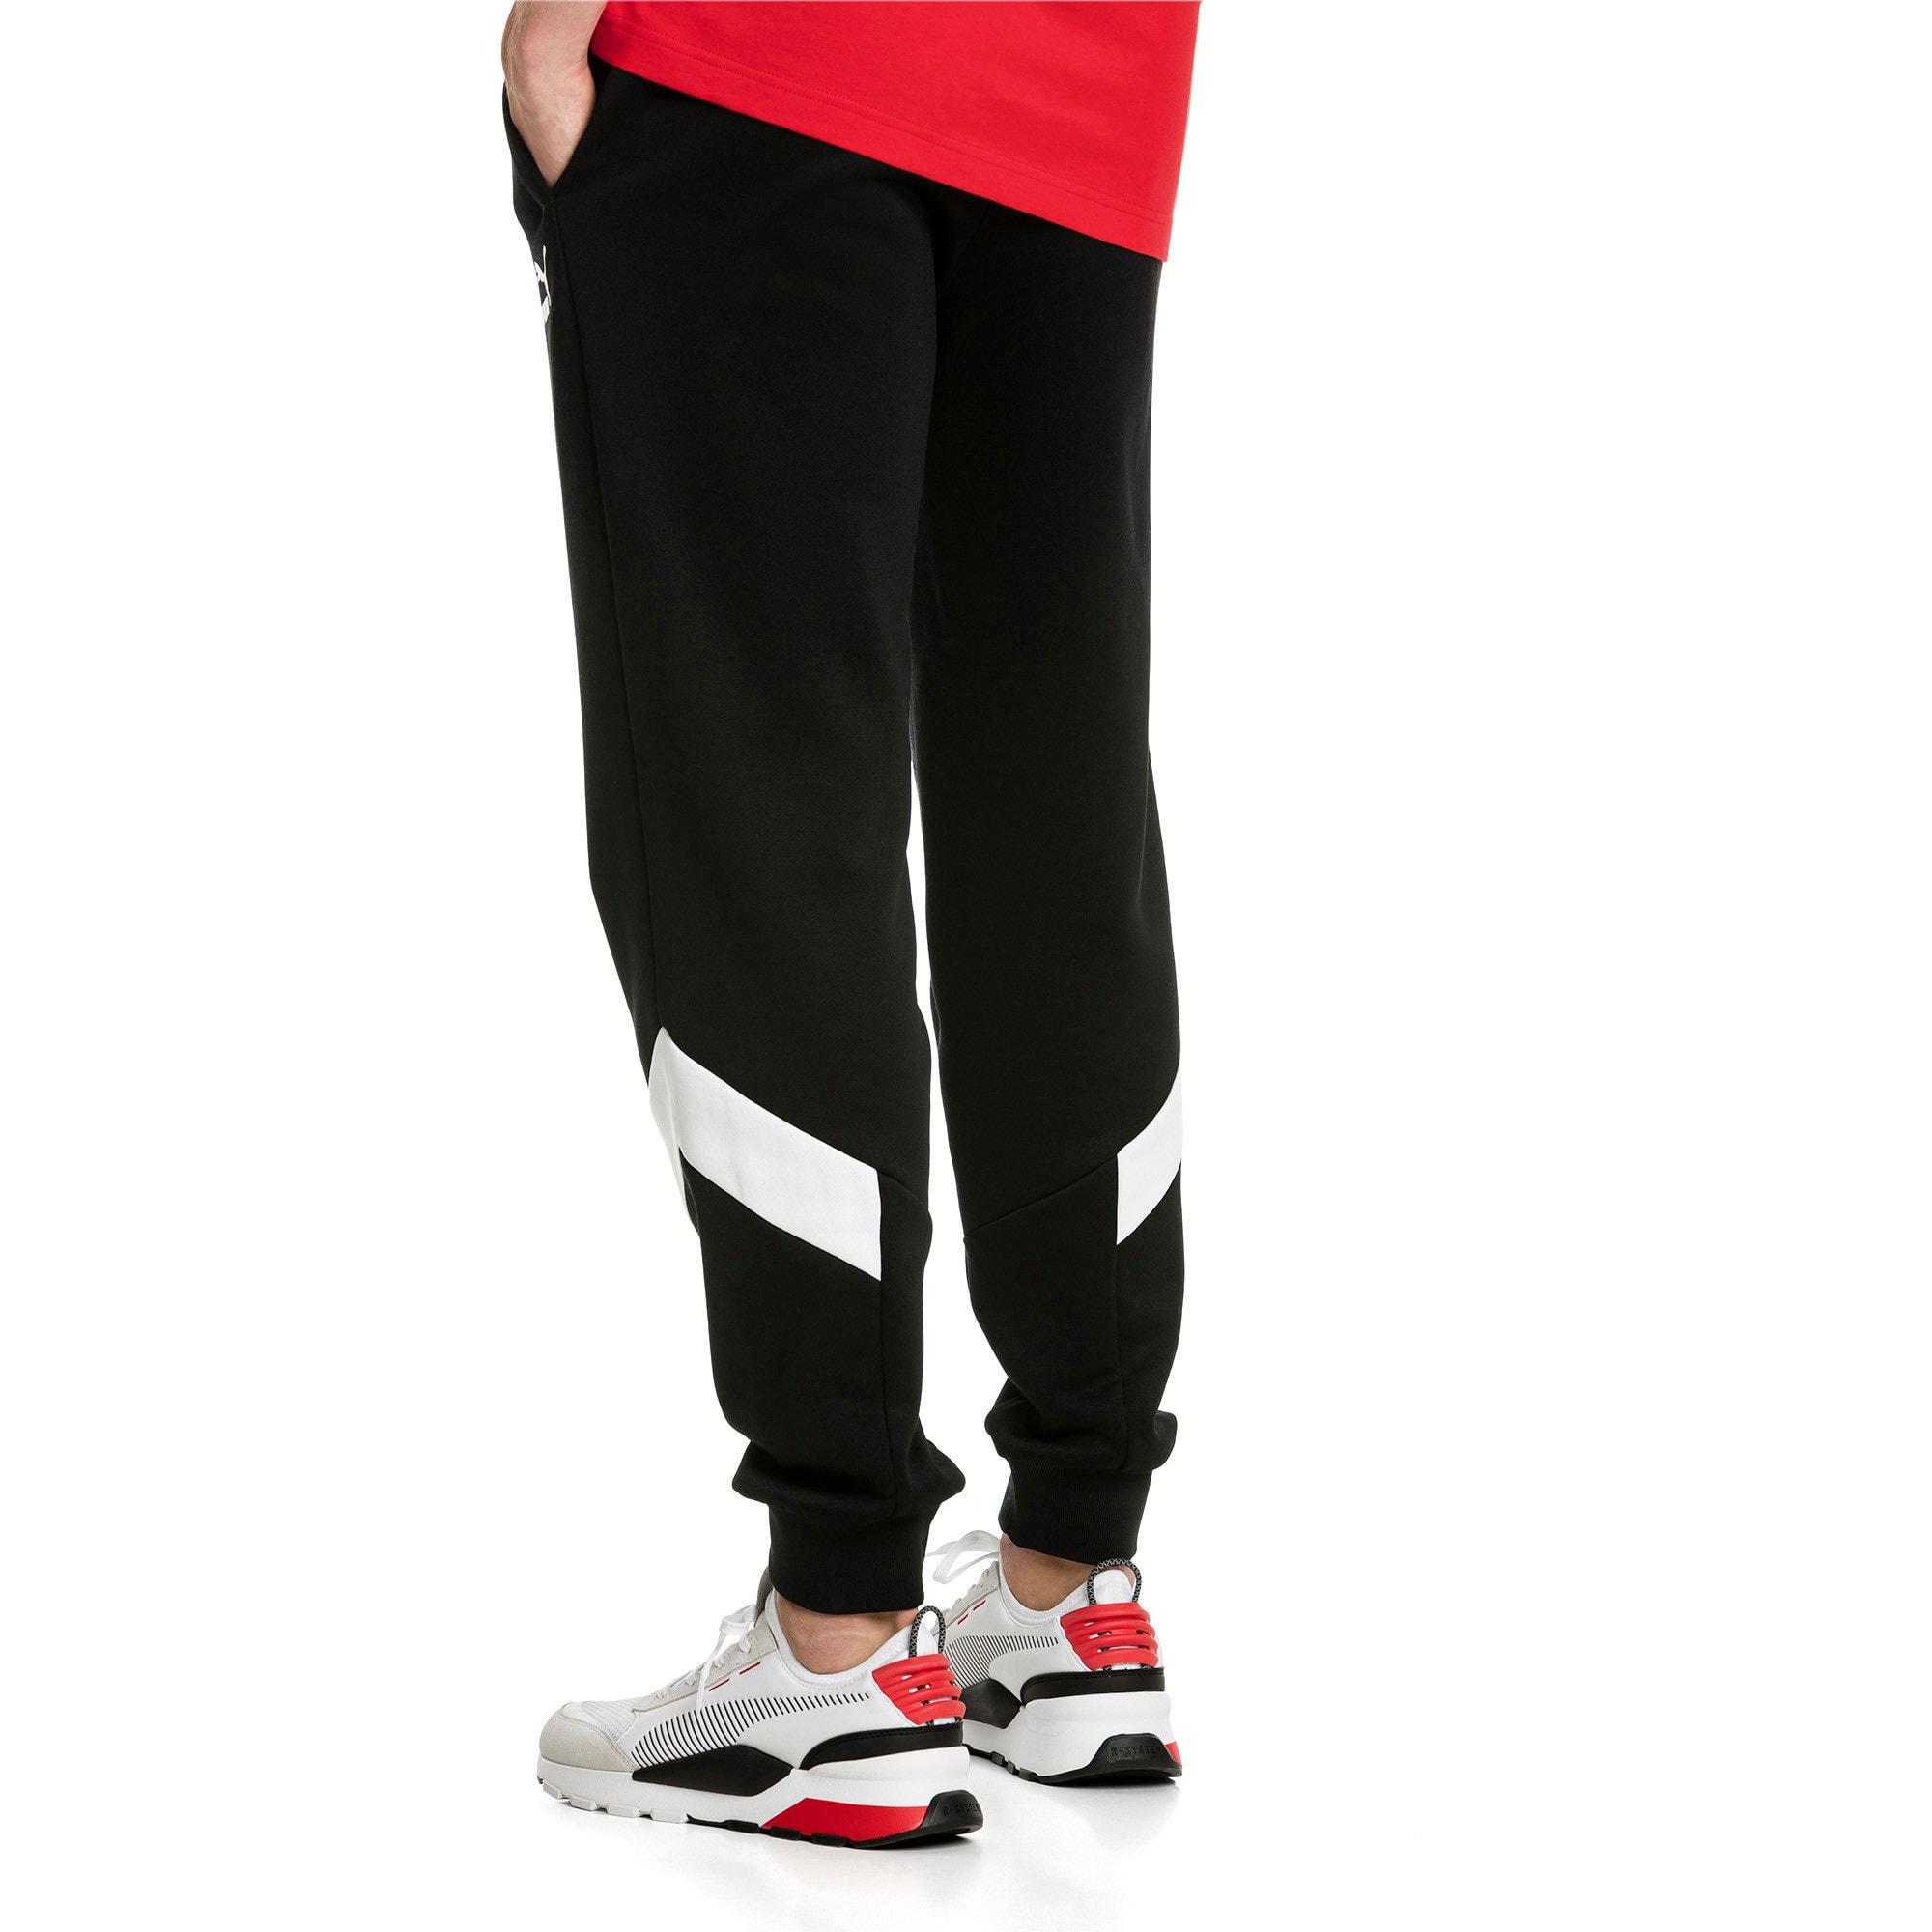 Thumbnail 3 of Iconic MCS Men's Track Pants, Puma Black -1, medium